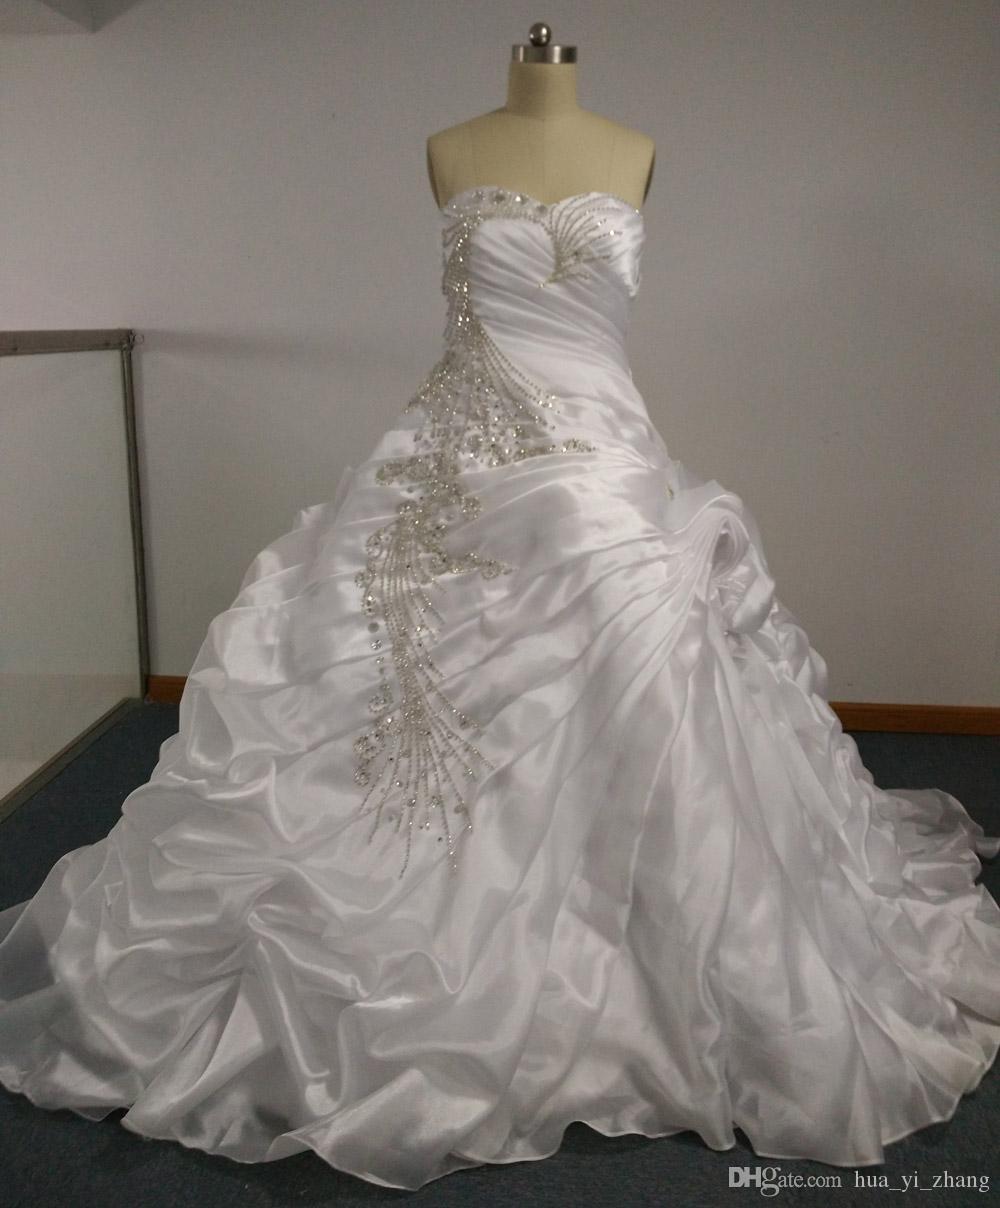 2013 Kristall Brautkleid Heißer Verkauf Luxus Pfau Perlen Stickerei Ballkleid Satin Brasilianische Designer Brautkleider BR01